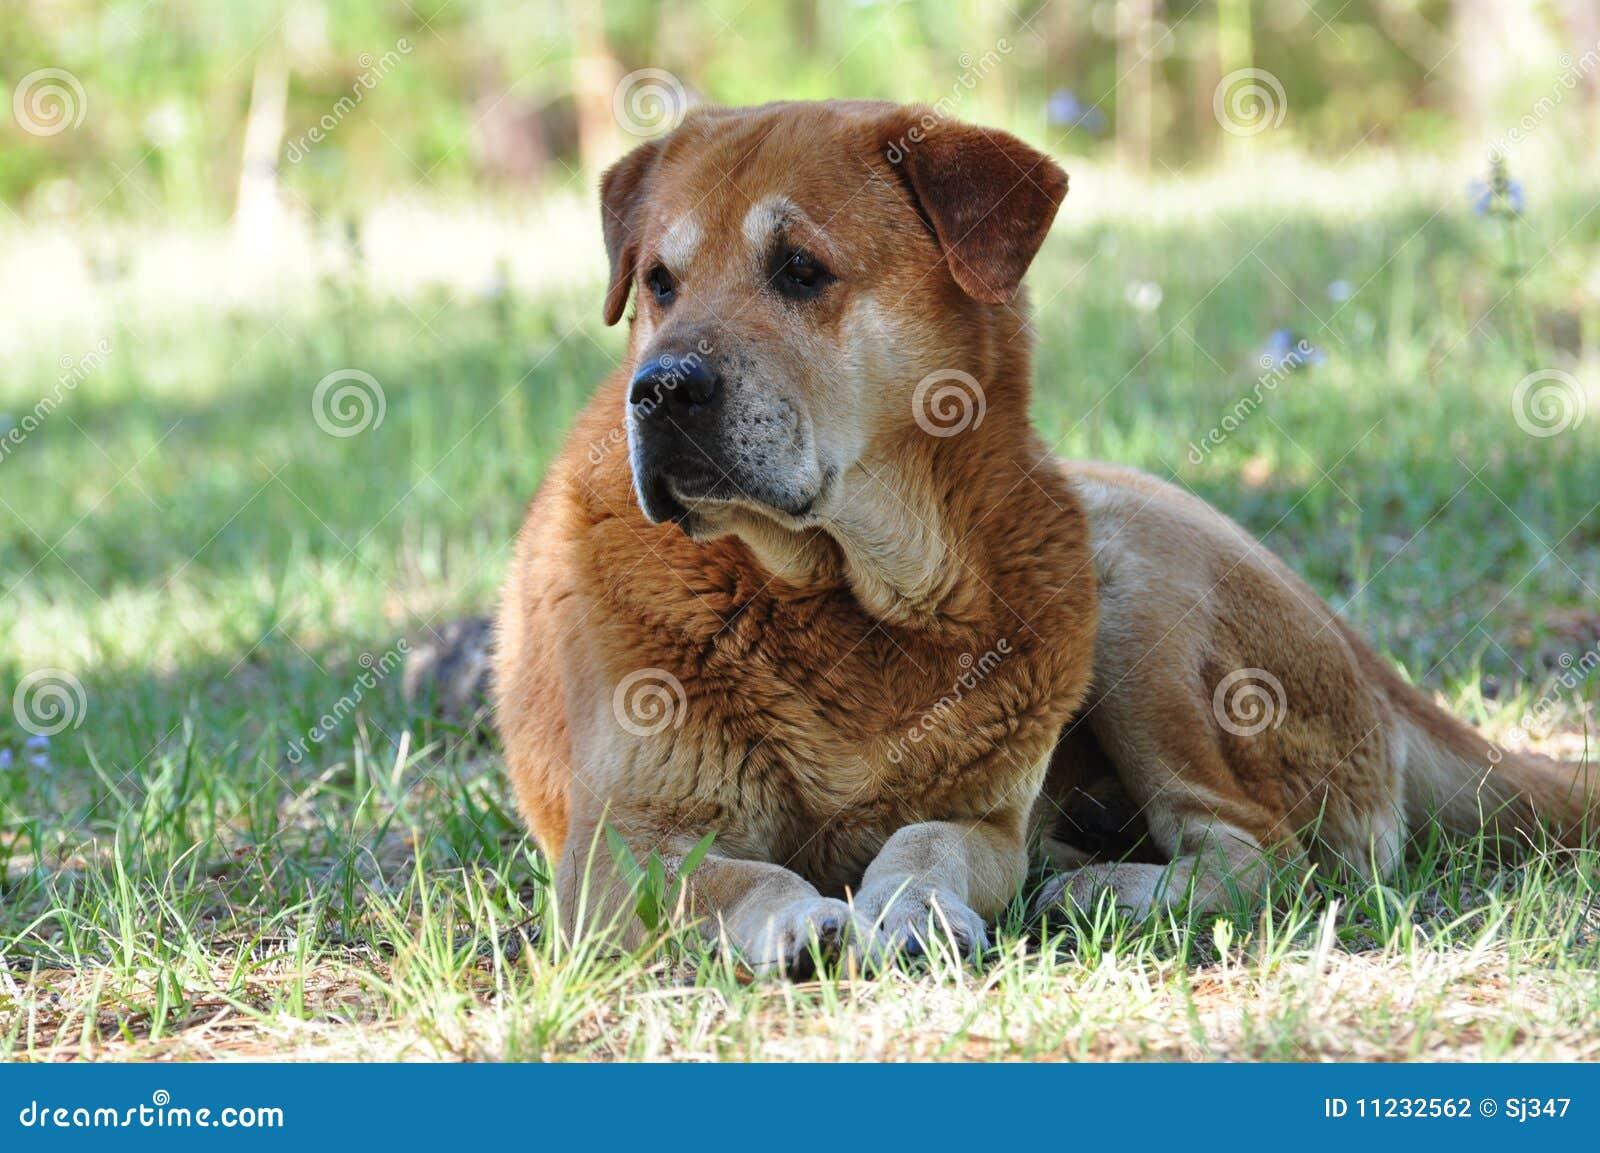 Big Brown Dog Stock Photography - Image: 11232562